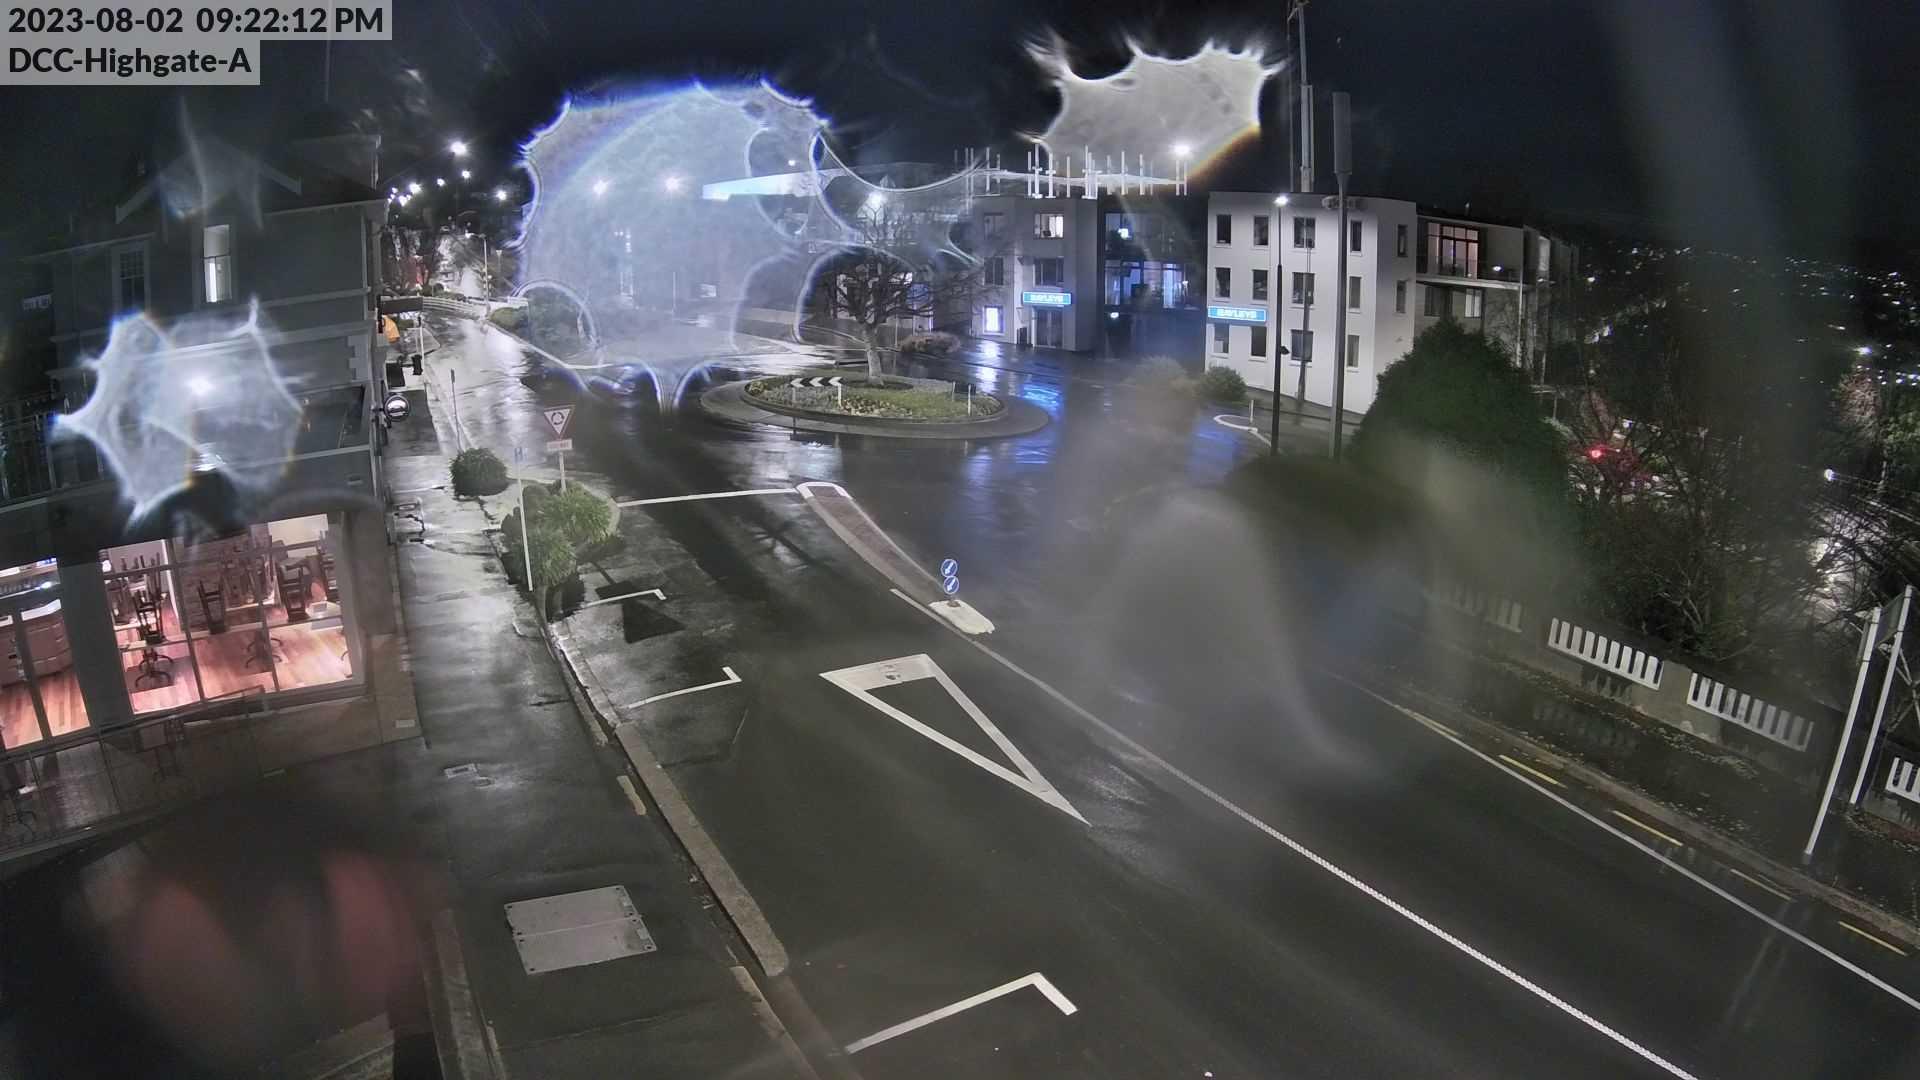 Webkamera Dunedin: Highgate bridge cam